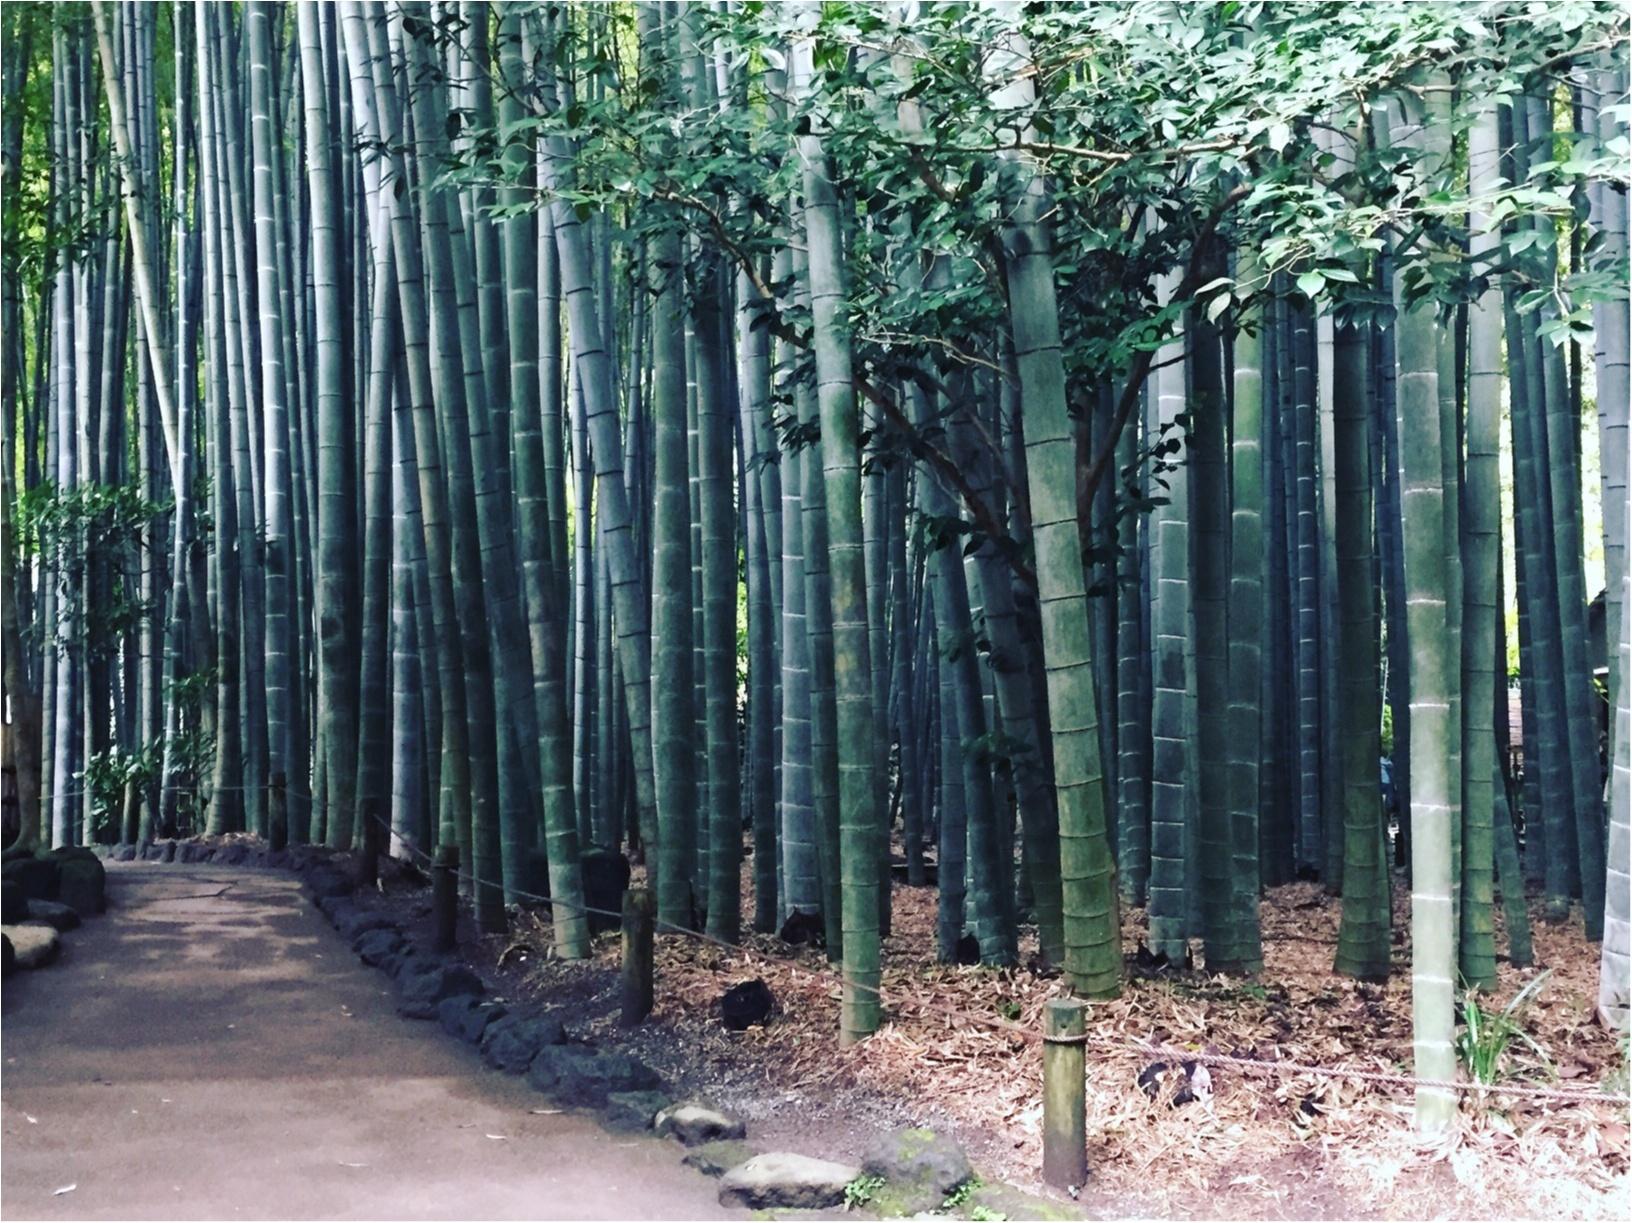 【✨着物レンタルwargo ¥2,900✨】手ぶらでOK!着物を着てお出掛けしよう❤︎鎌倉の「報国寺の竹林」「浄妙寺」「小町通り」を散歩しました♩≪samenyan≫_15